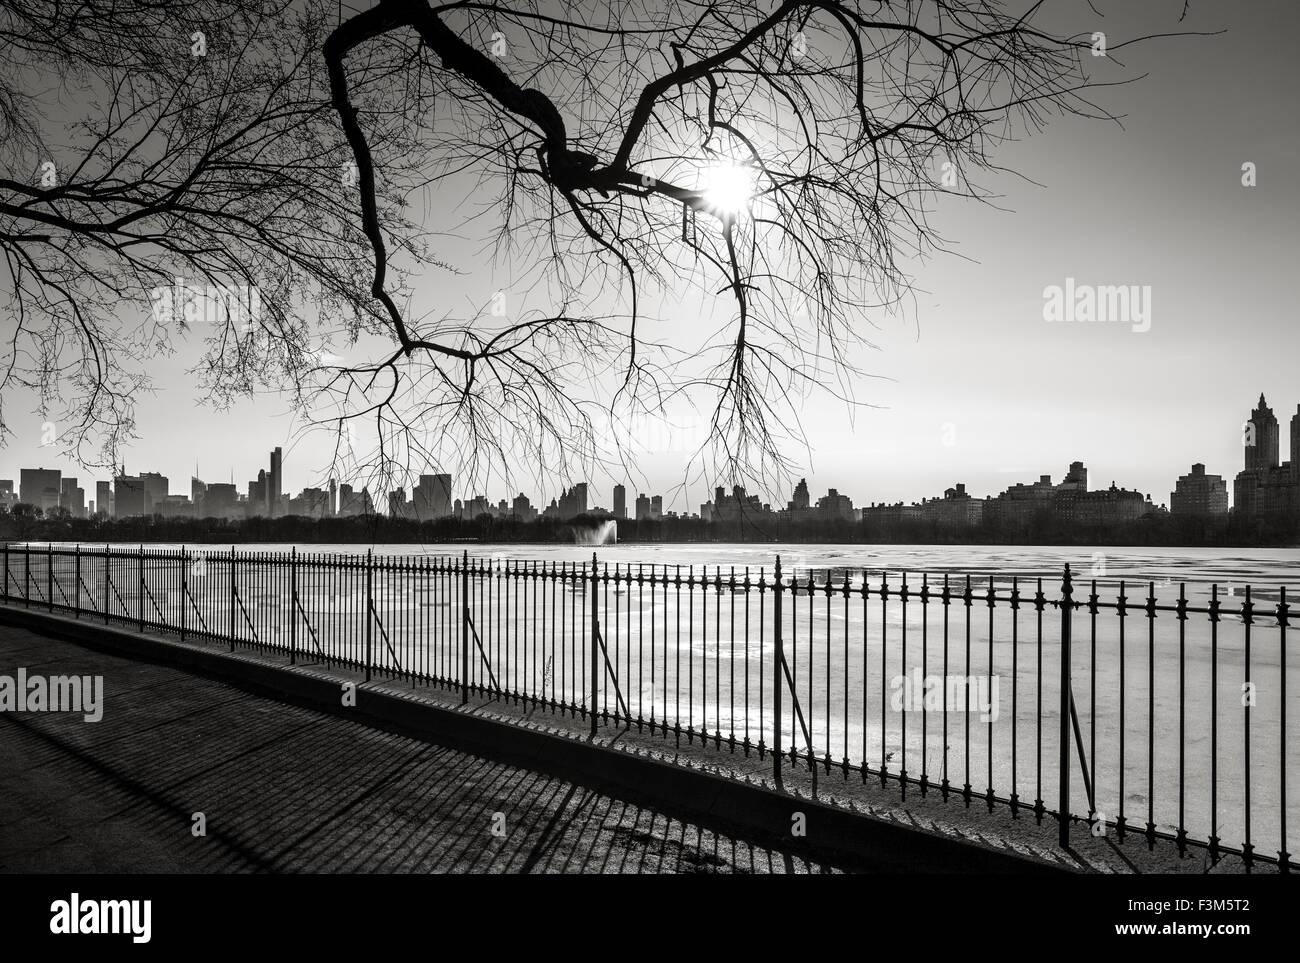 Fotografia in bianco e nero di New York in inverno, il serbatoio a Central Park e Upper West Side, NYC. Immagini Stock